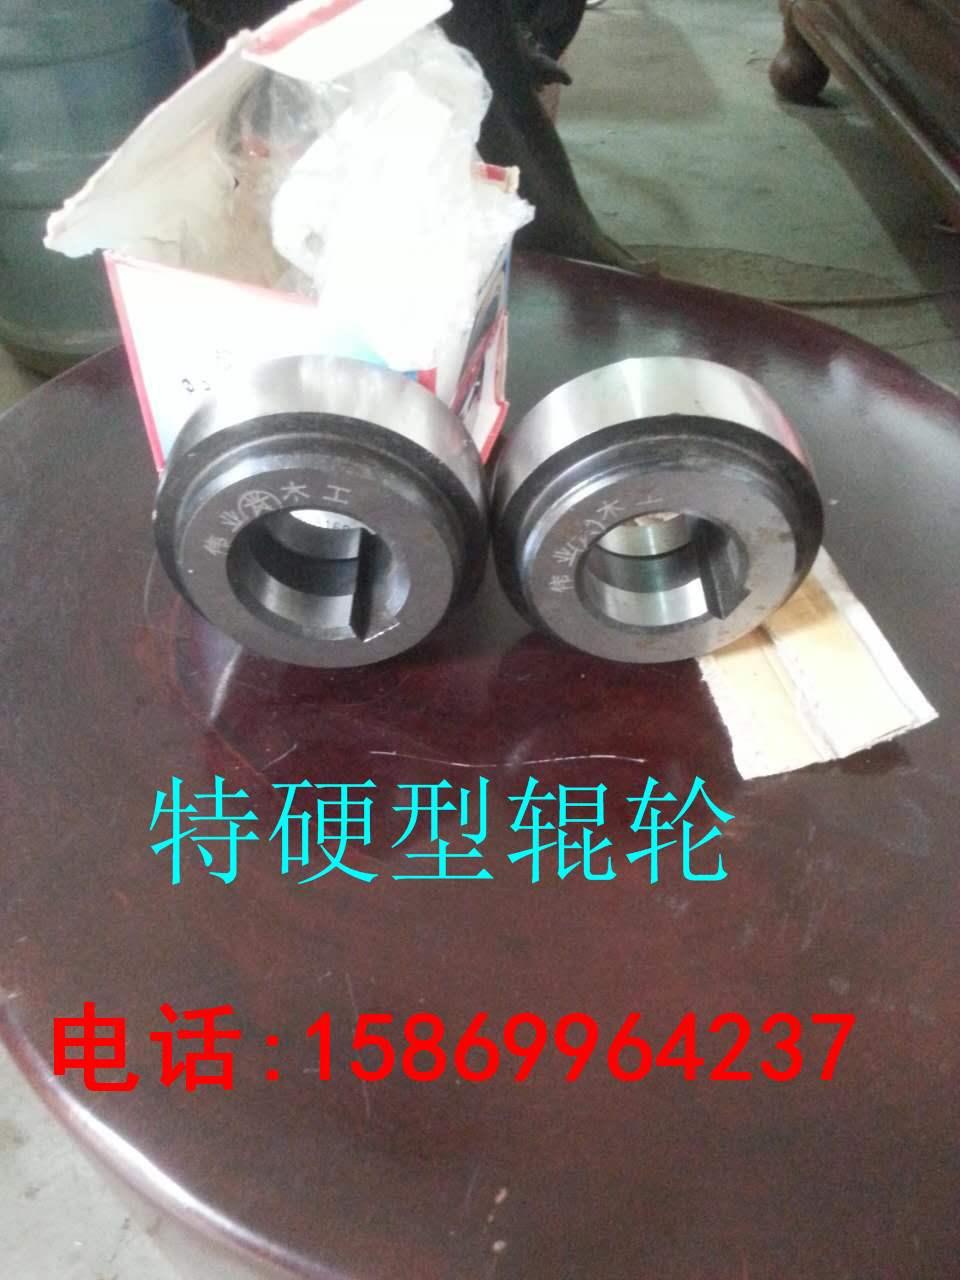 木工带锯条油压辊压机辊轮,滚压机,锟压机配件:滚轮.锟轮,辊筒